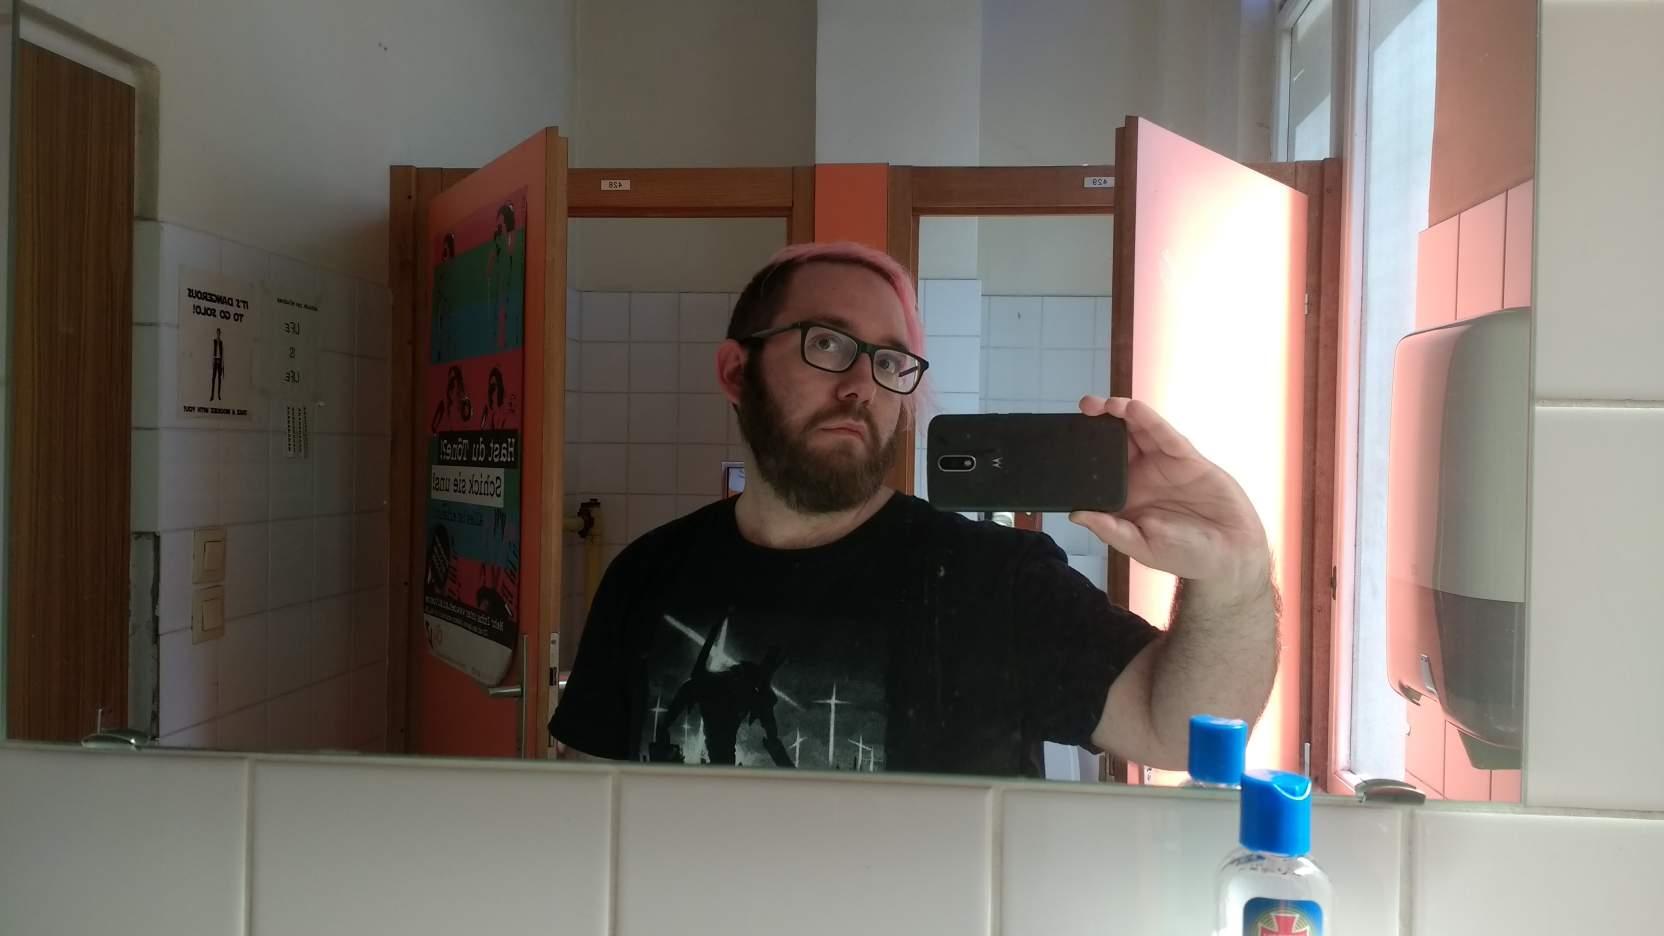 Joël steht auf einem Klo und macht ein Selfie, skeptischer Blick